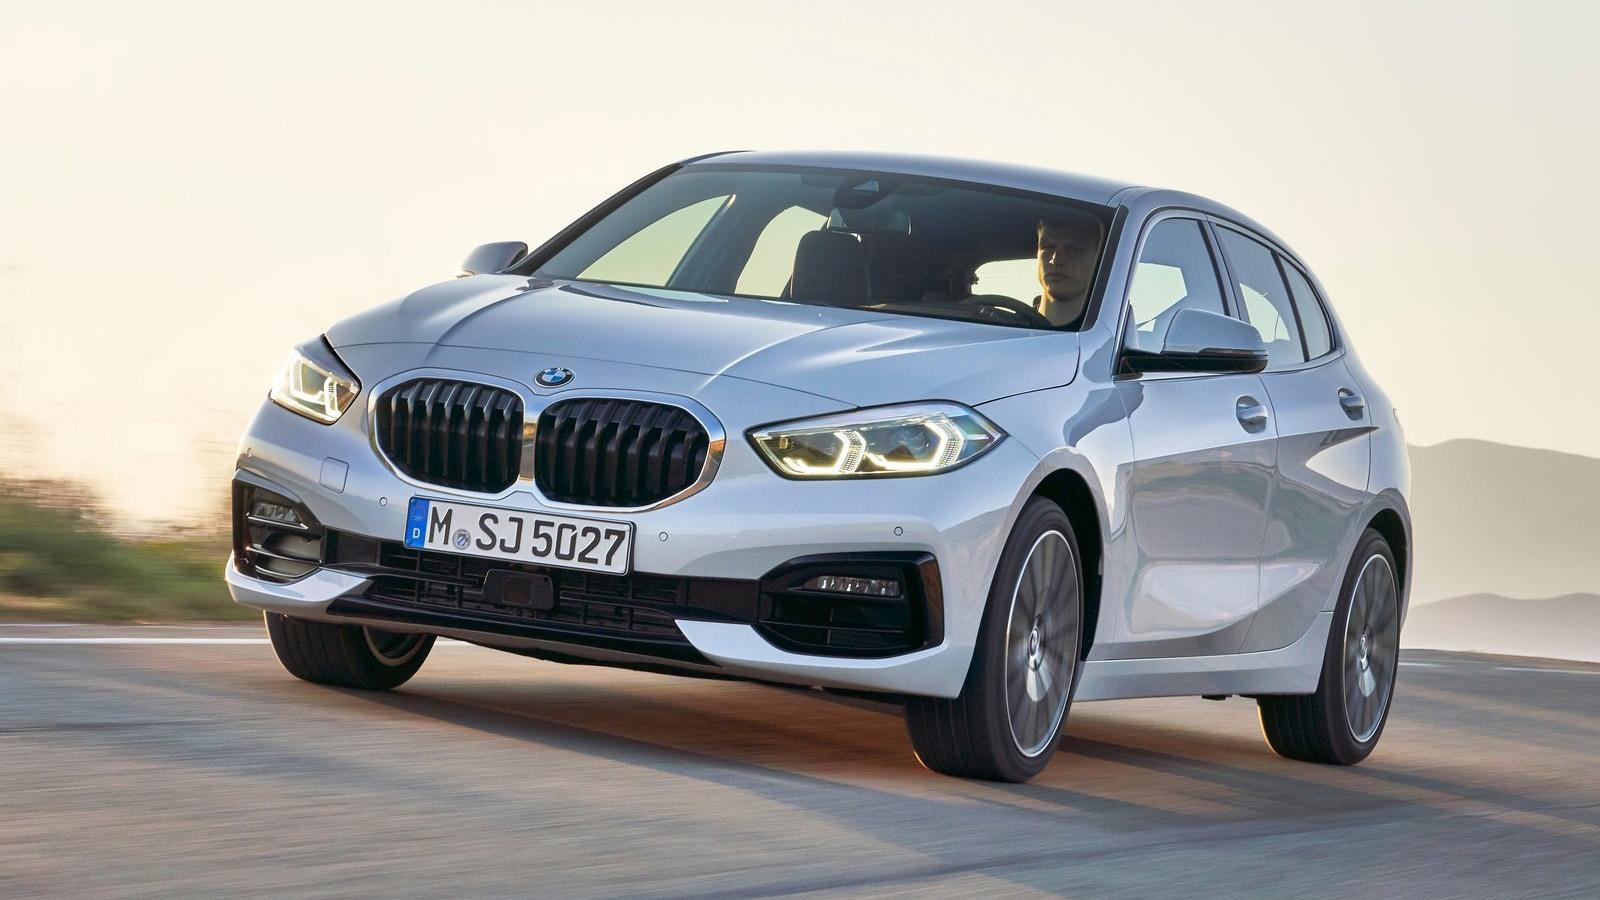 YENİ BMW 1 SERİSİ KAÇ PARADAN GELDİ?